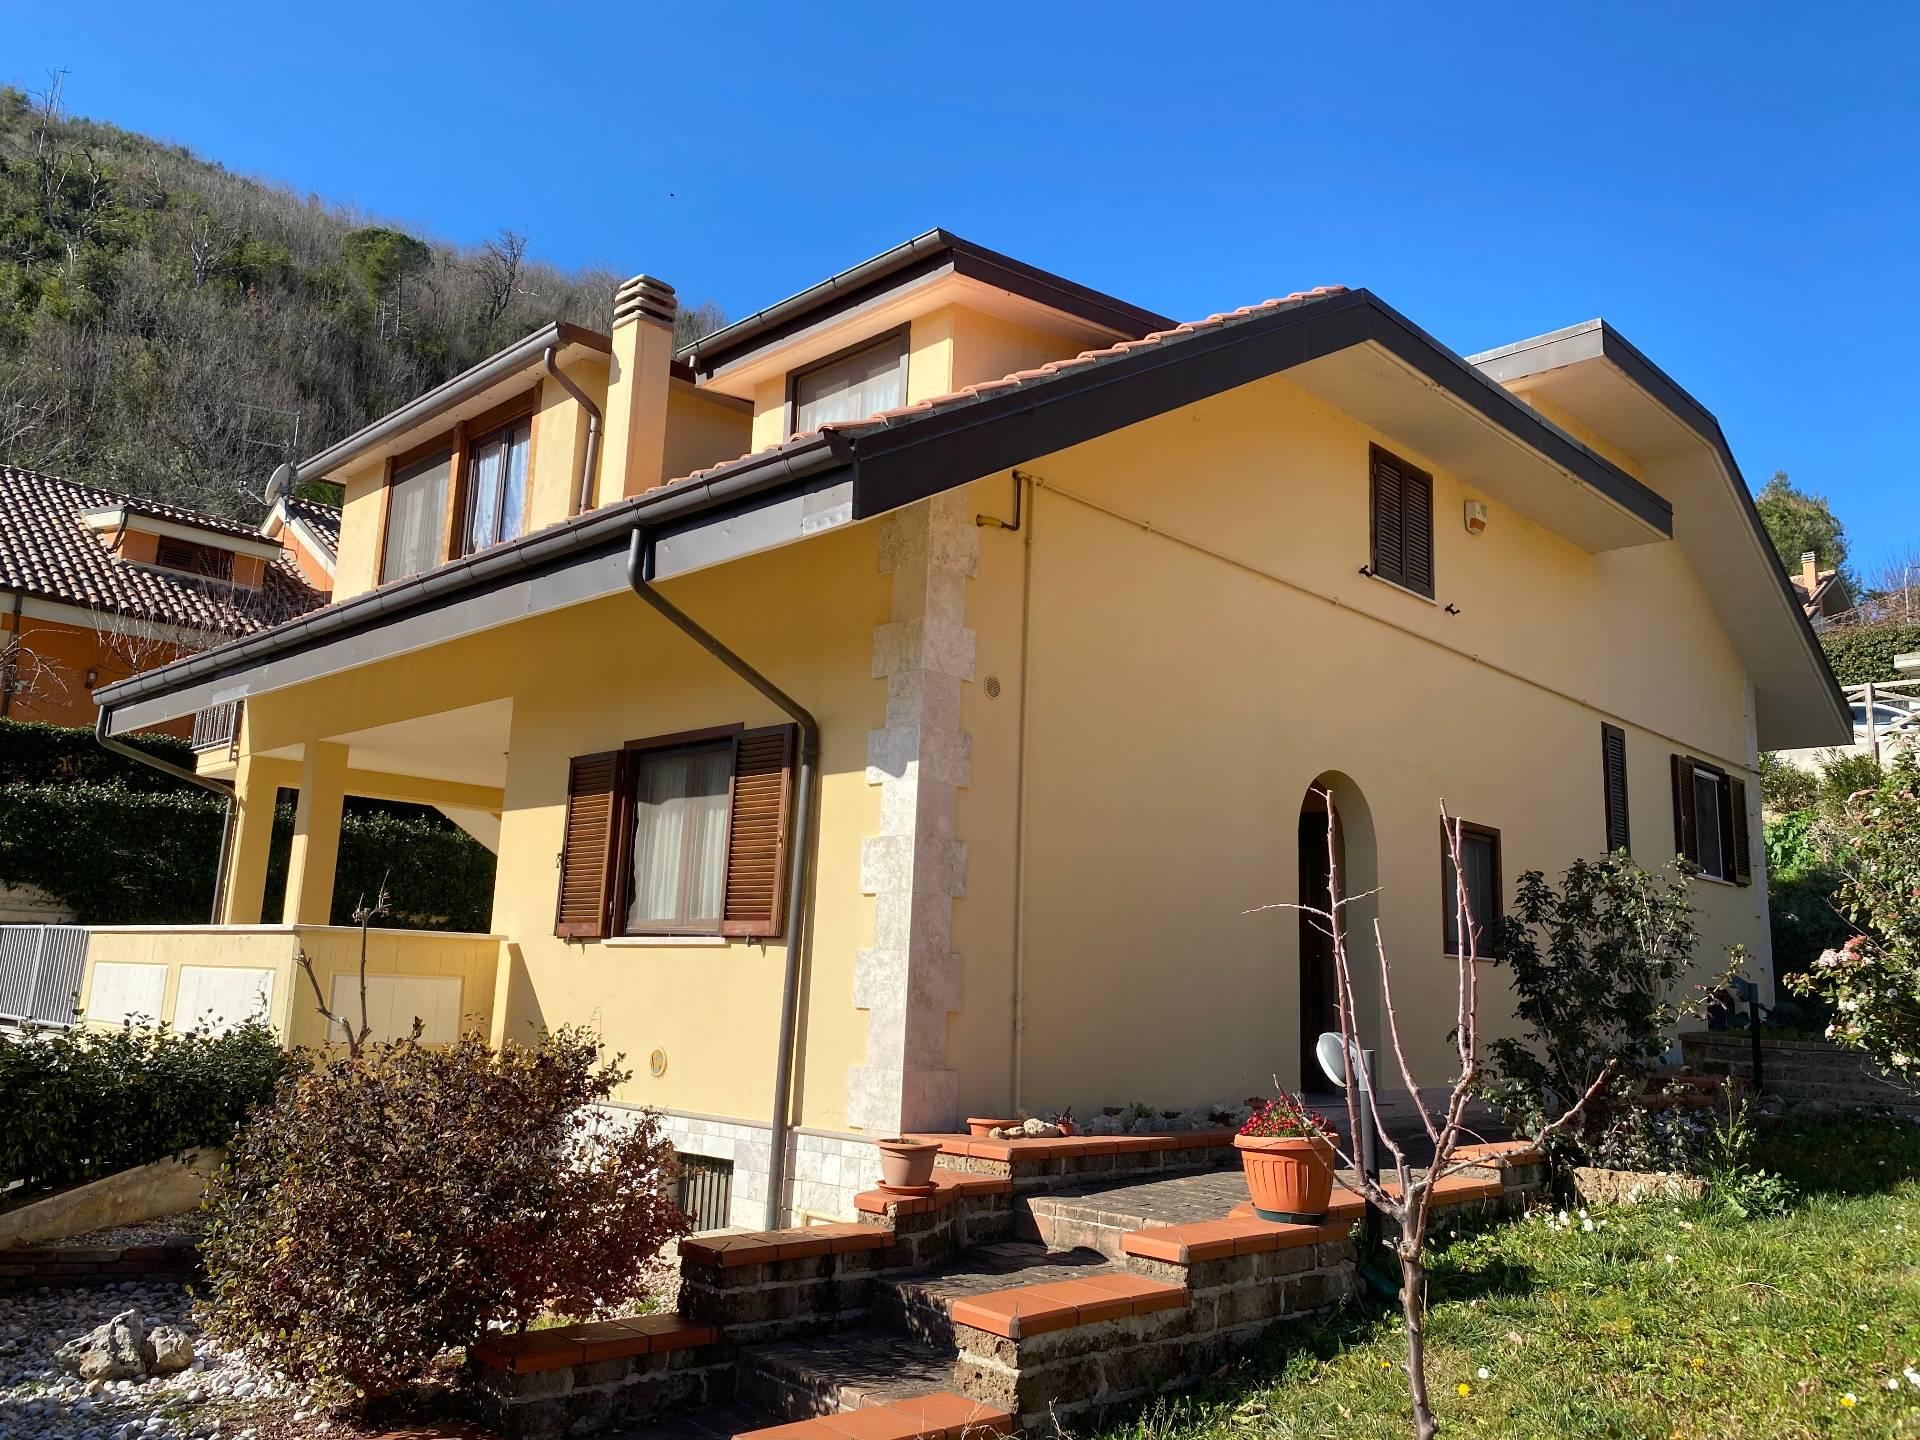 Villa in vendita a Ascoli Piceno (AP)